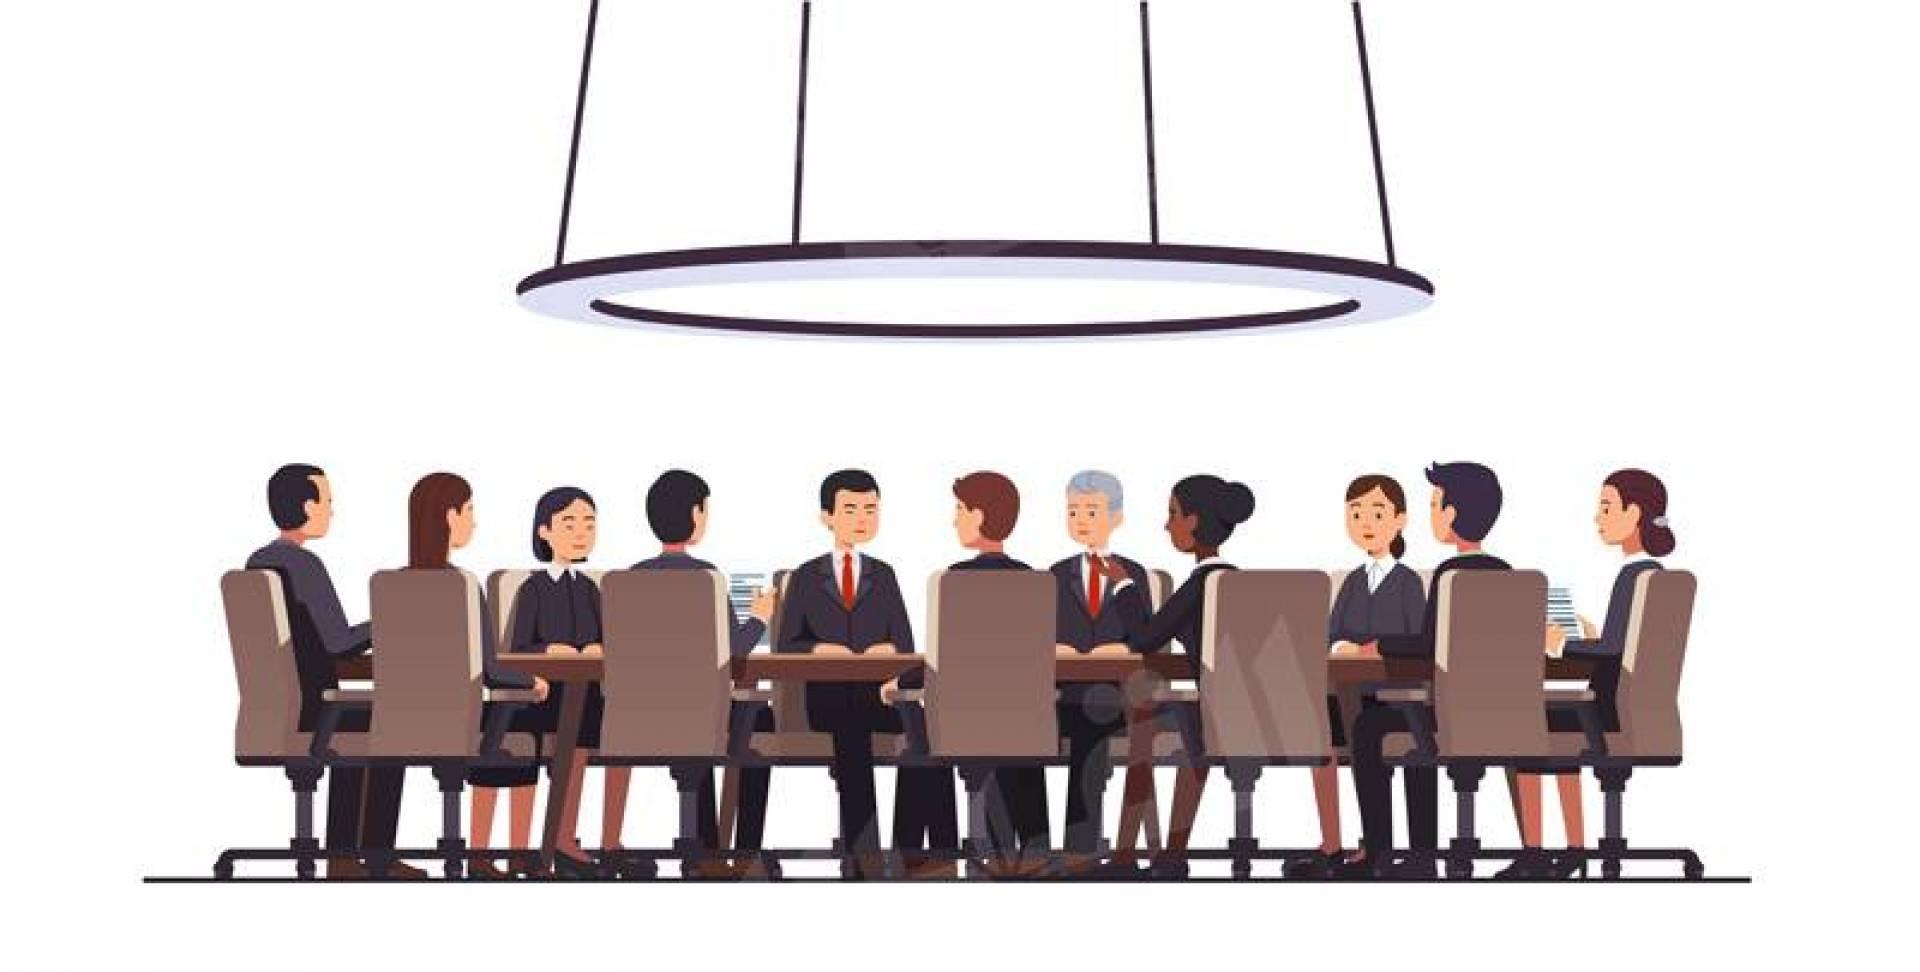 %72 من الرؤساء التنفيذيين في الخليج متفائلون بأداء الأعمال